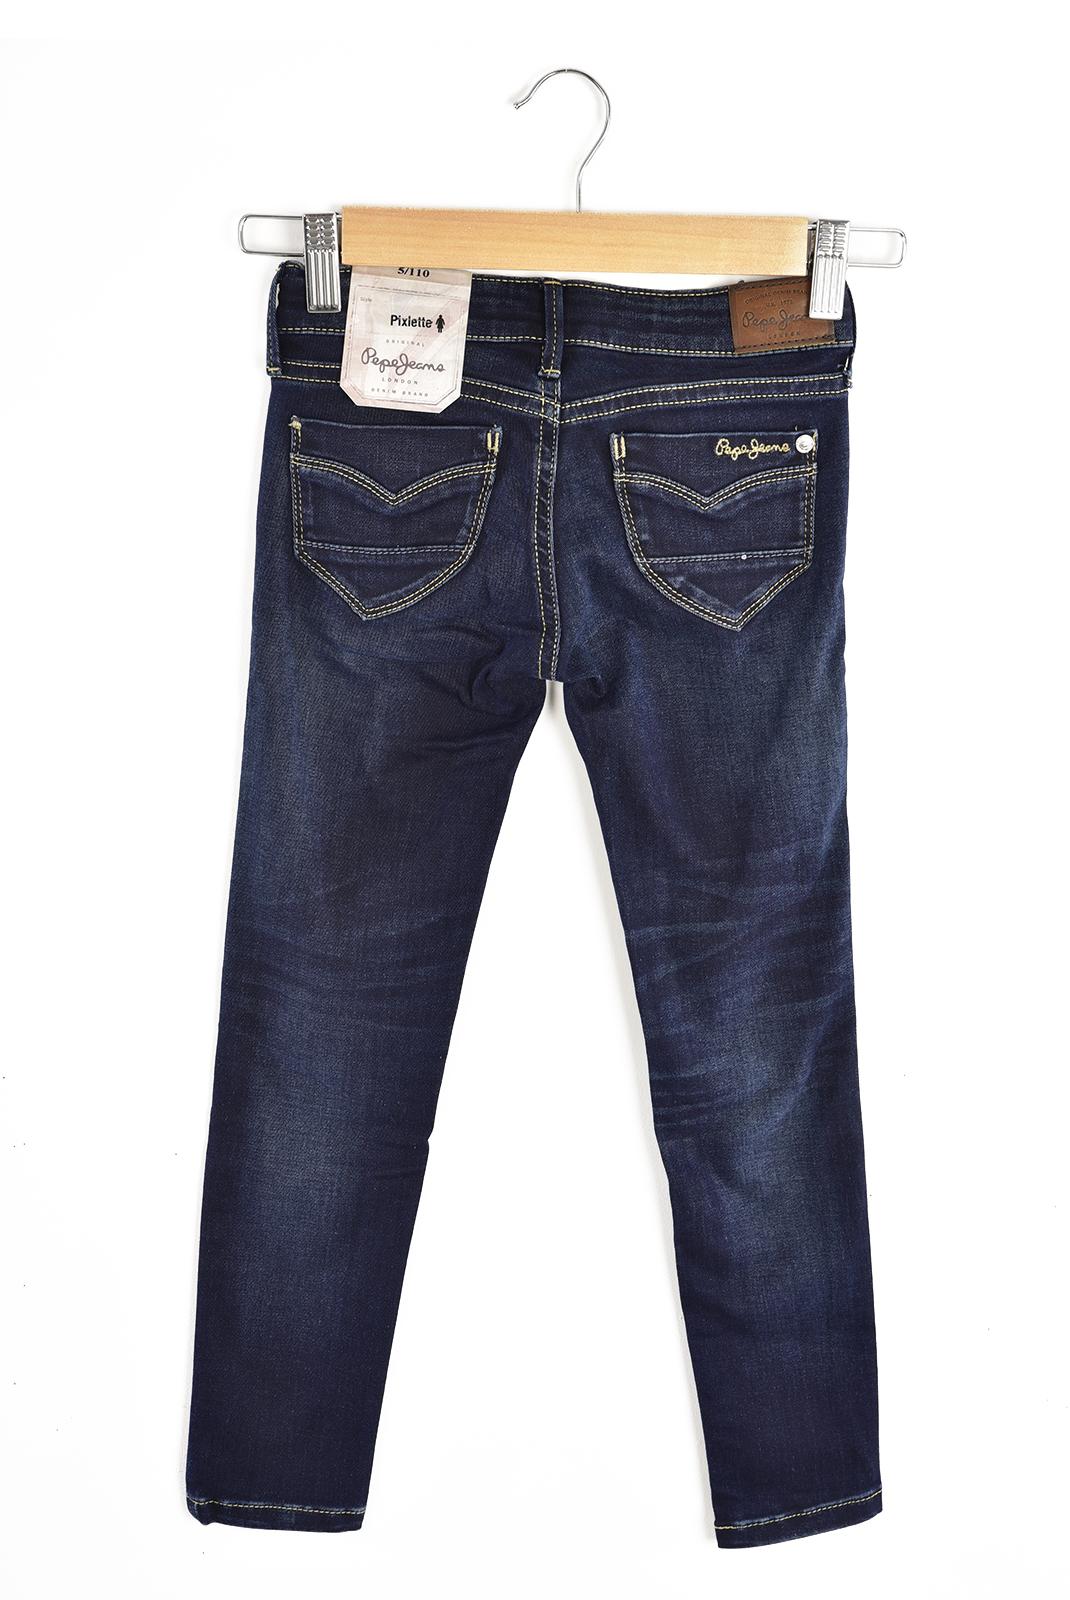 Bas  Pepe jeans PG200242 pixlette y26